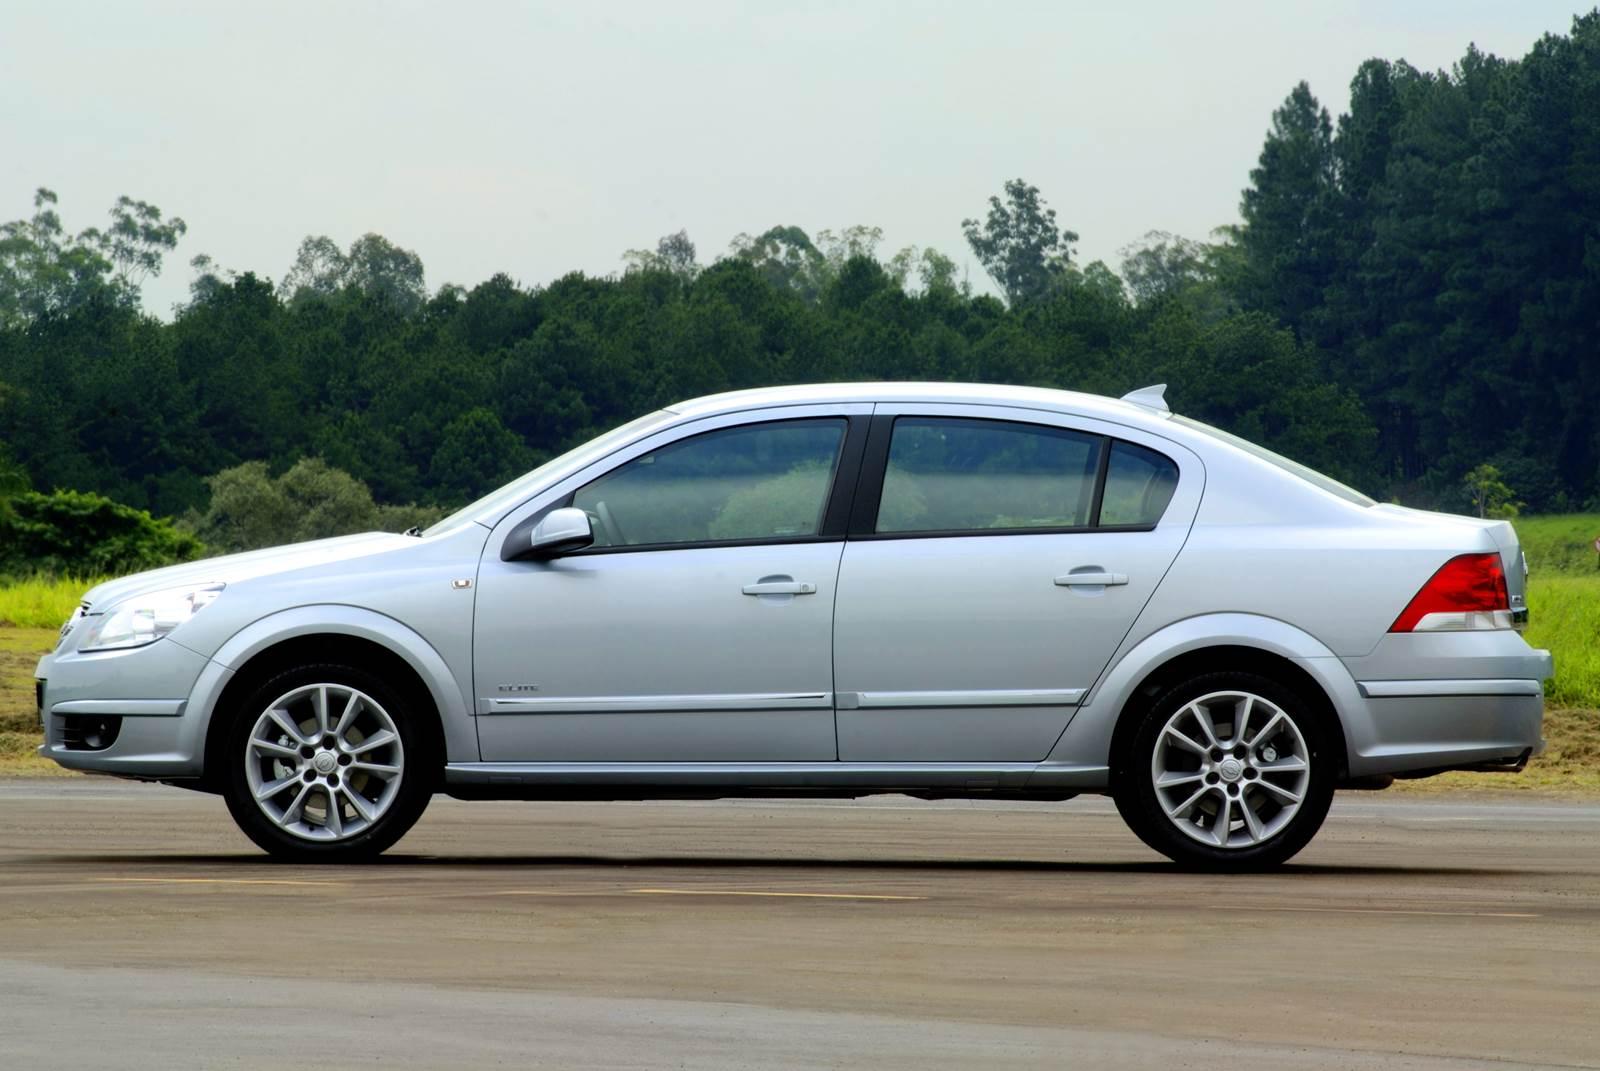 Chevrolet-Vectra-Elite-2008 (7)